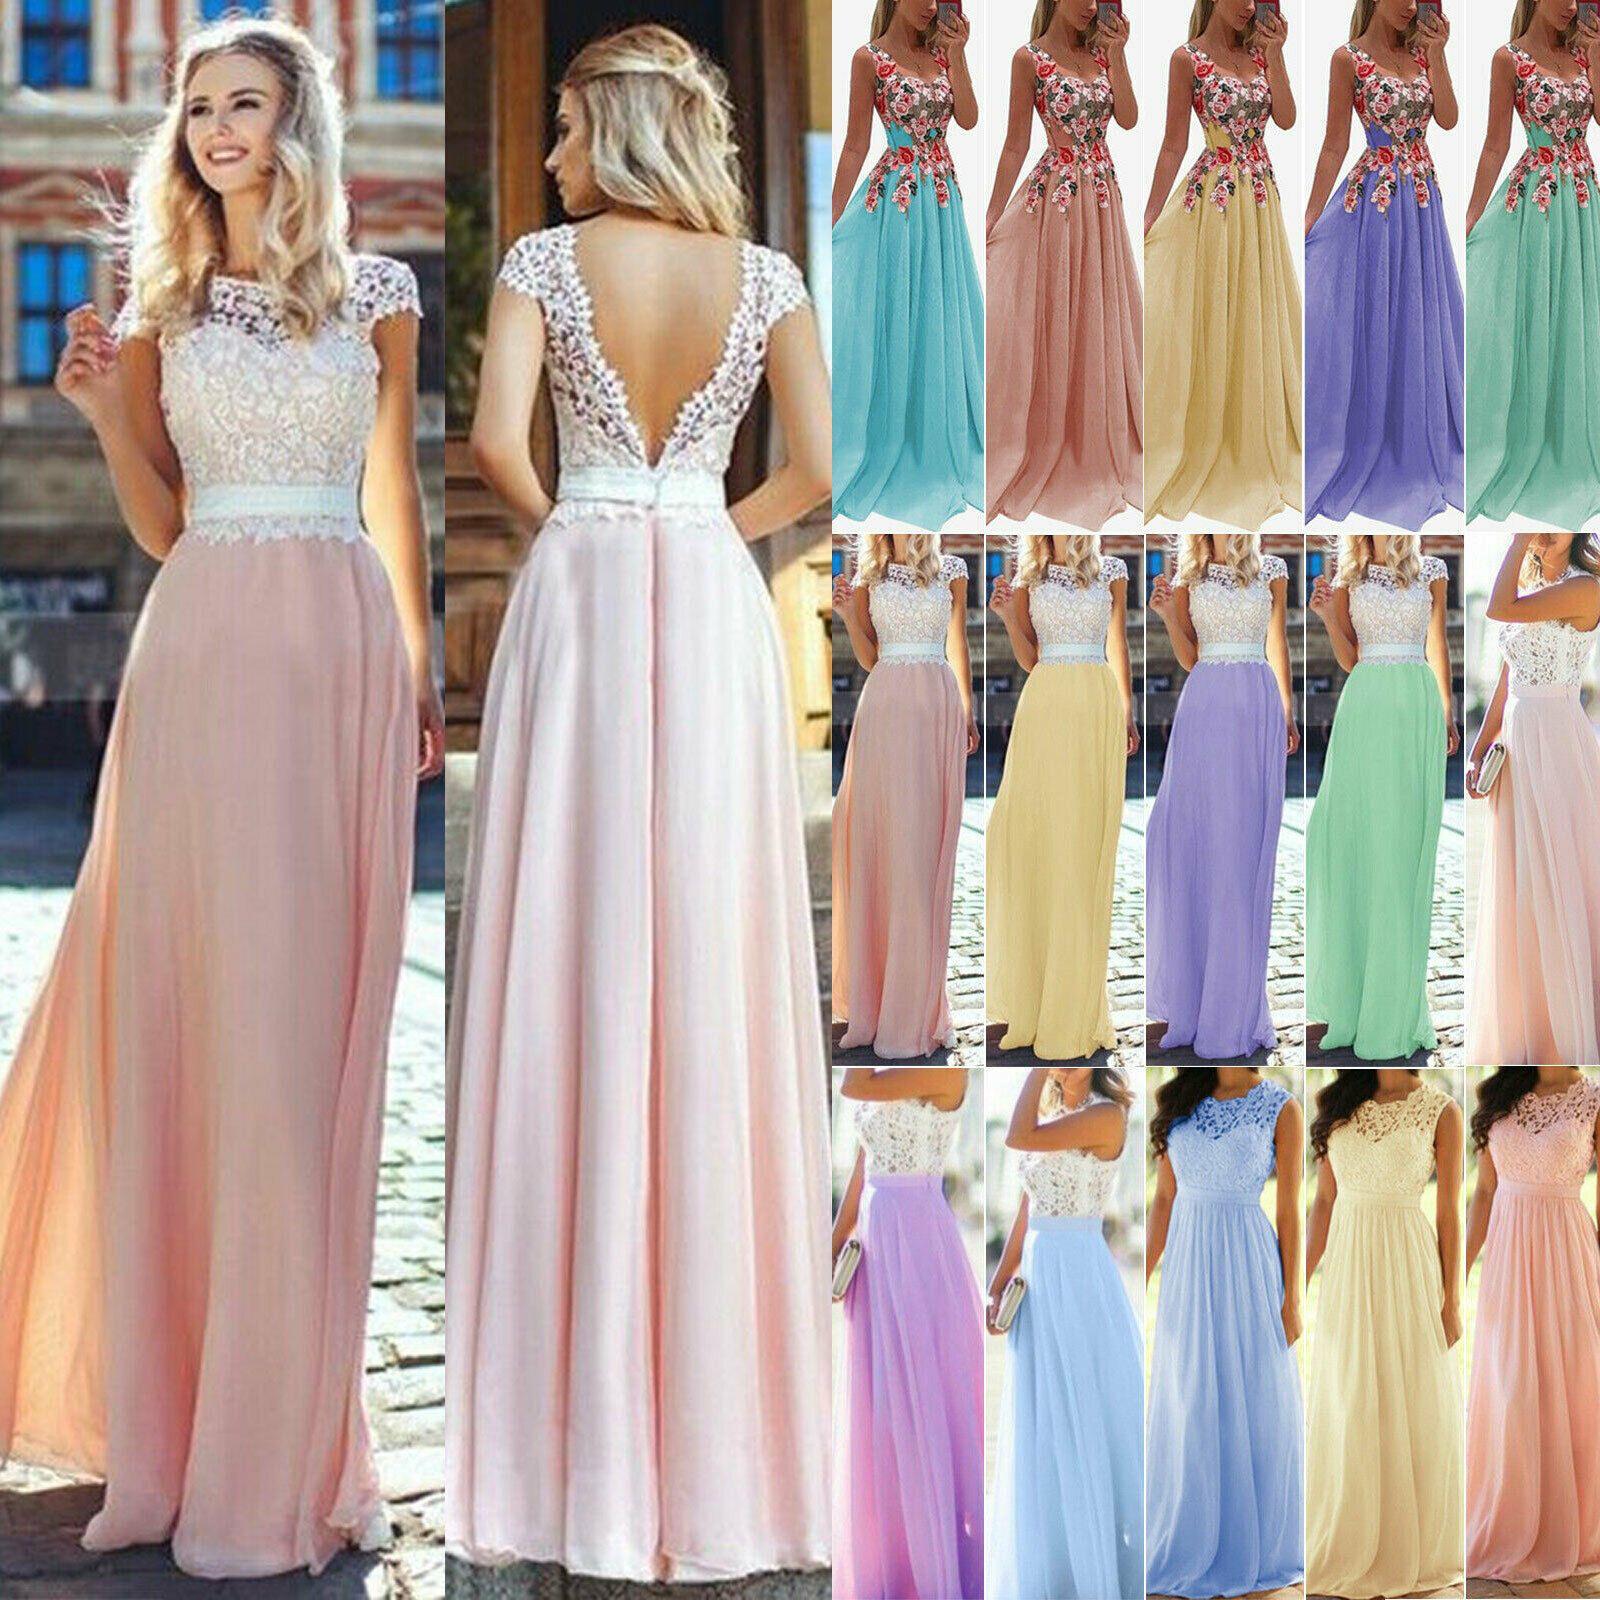 20 Erstaunlich Abendkleider Hochzeitsgast Galerie15 Wunderbar Abendkleider Hochzeitsgast Boutique